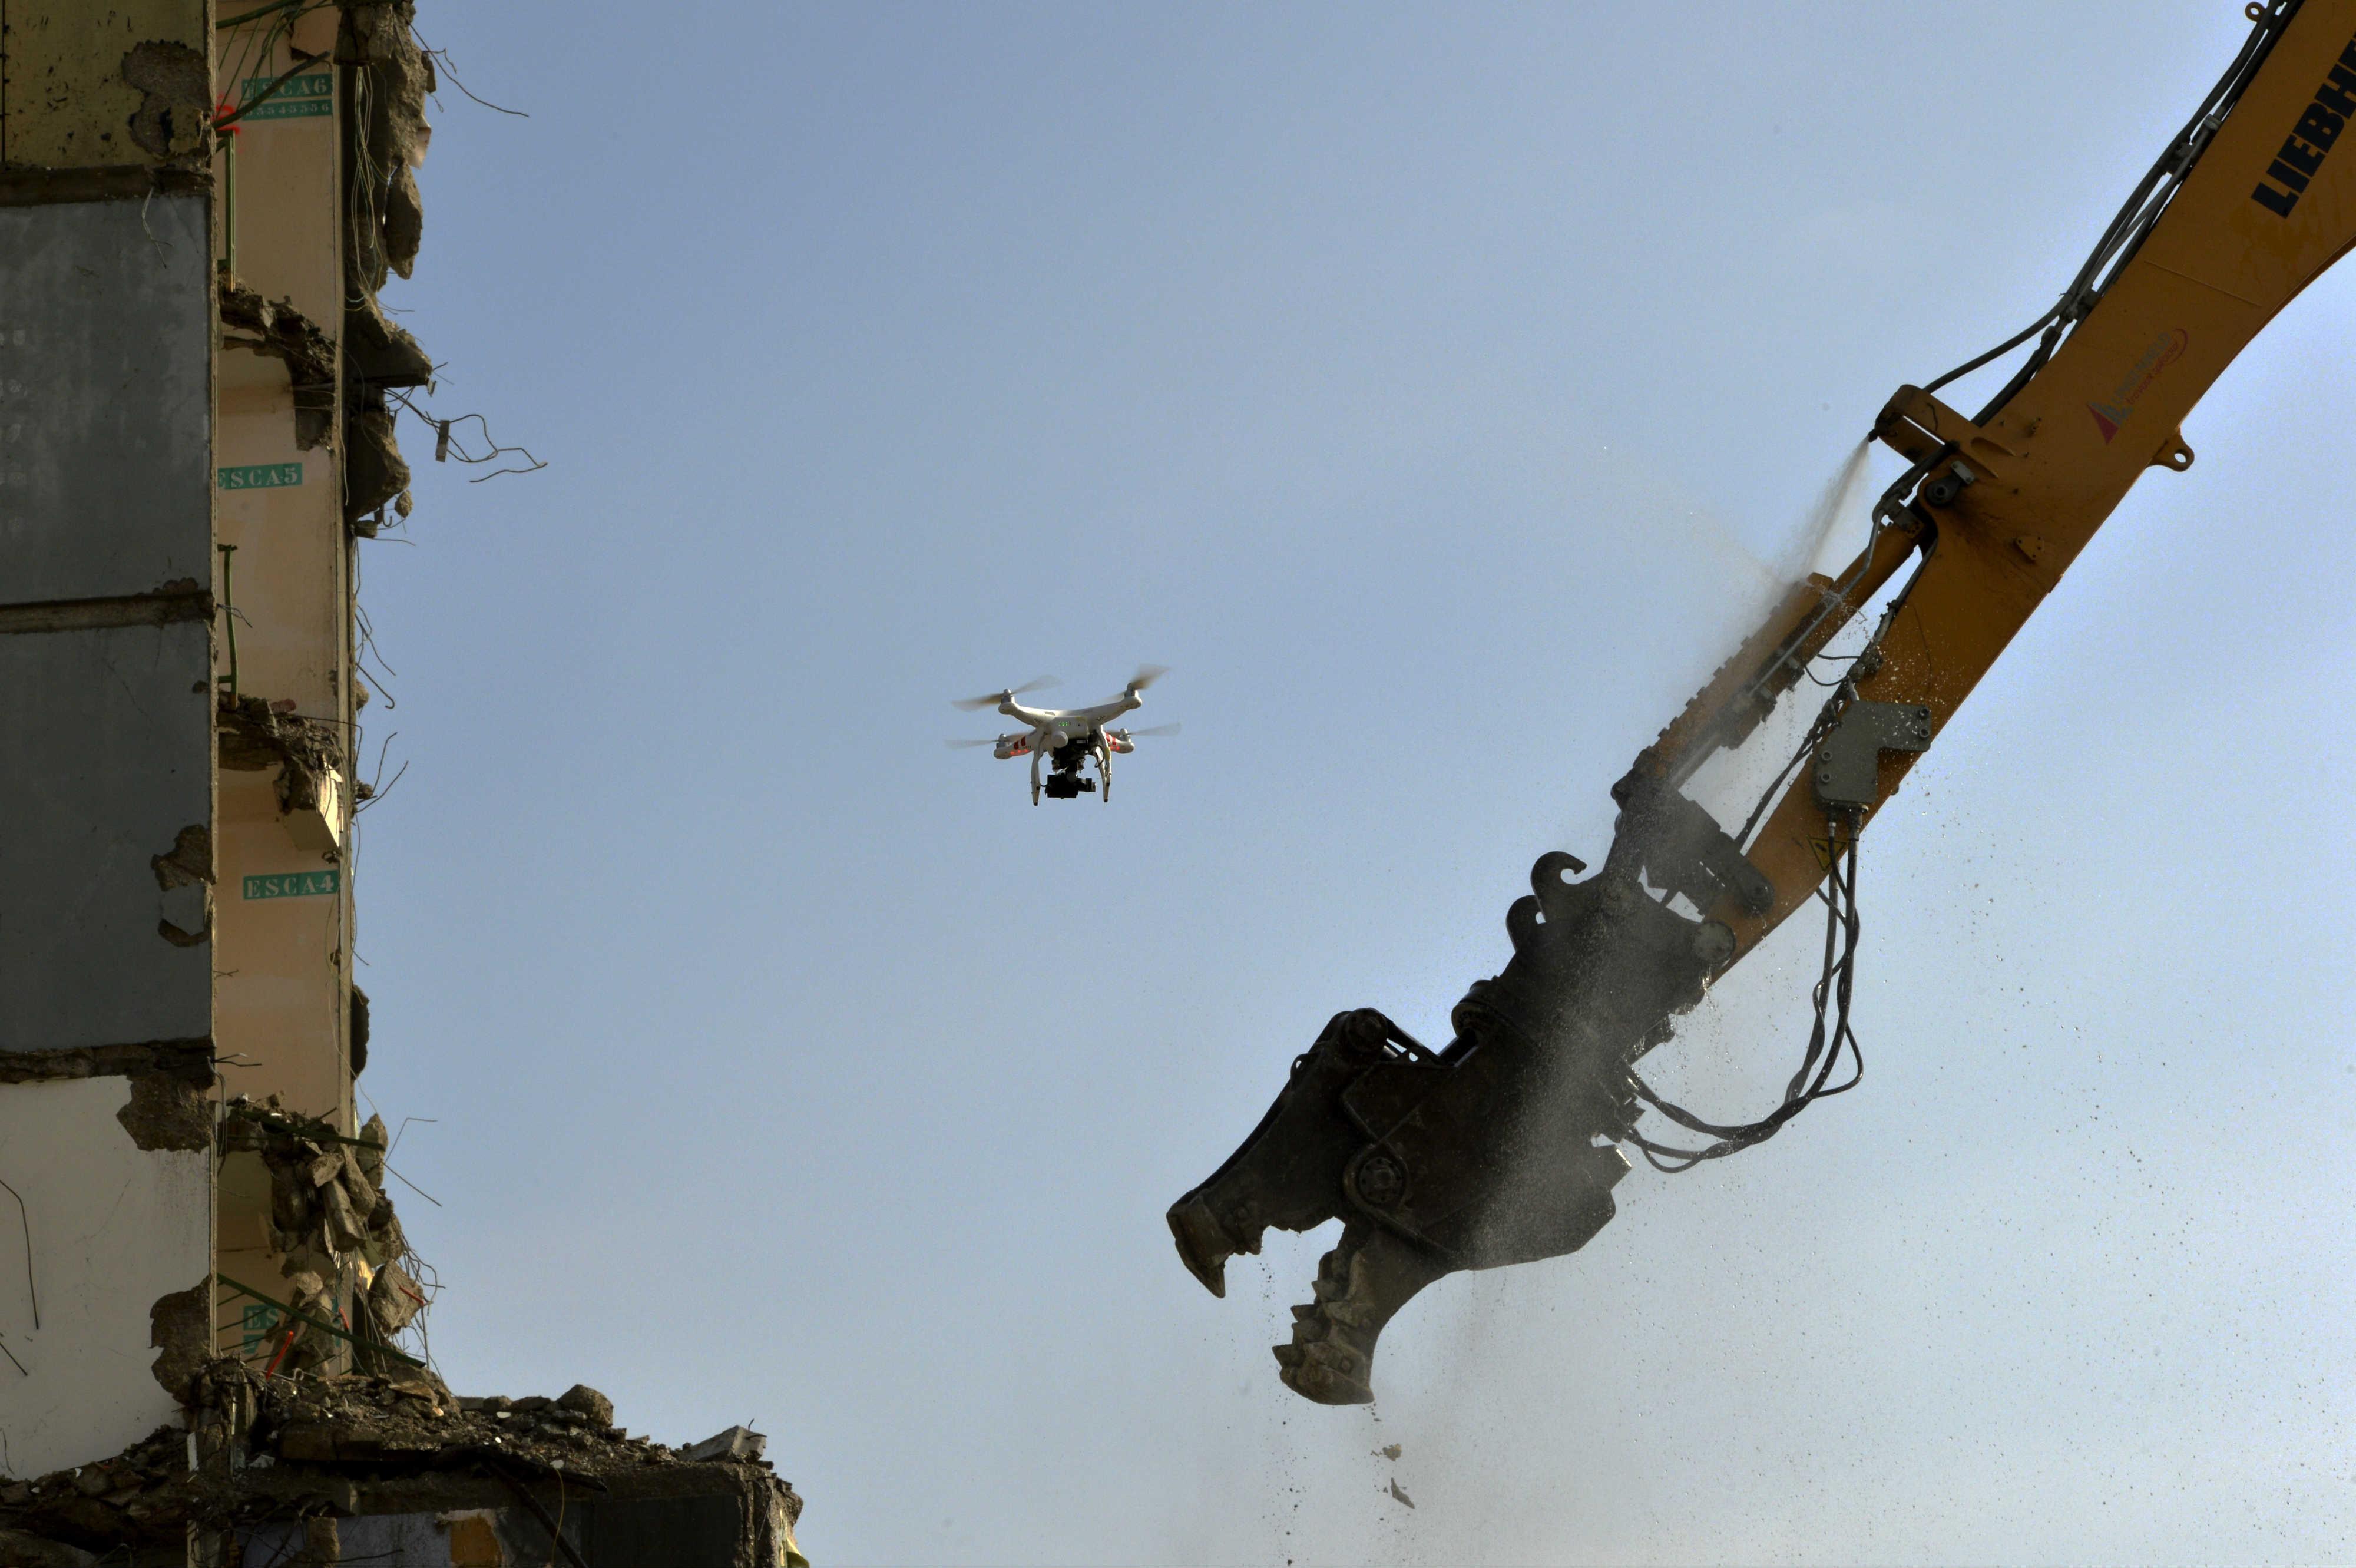 Action-Drones en action